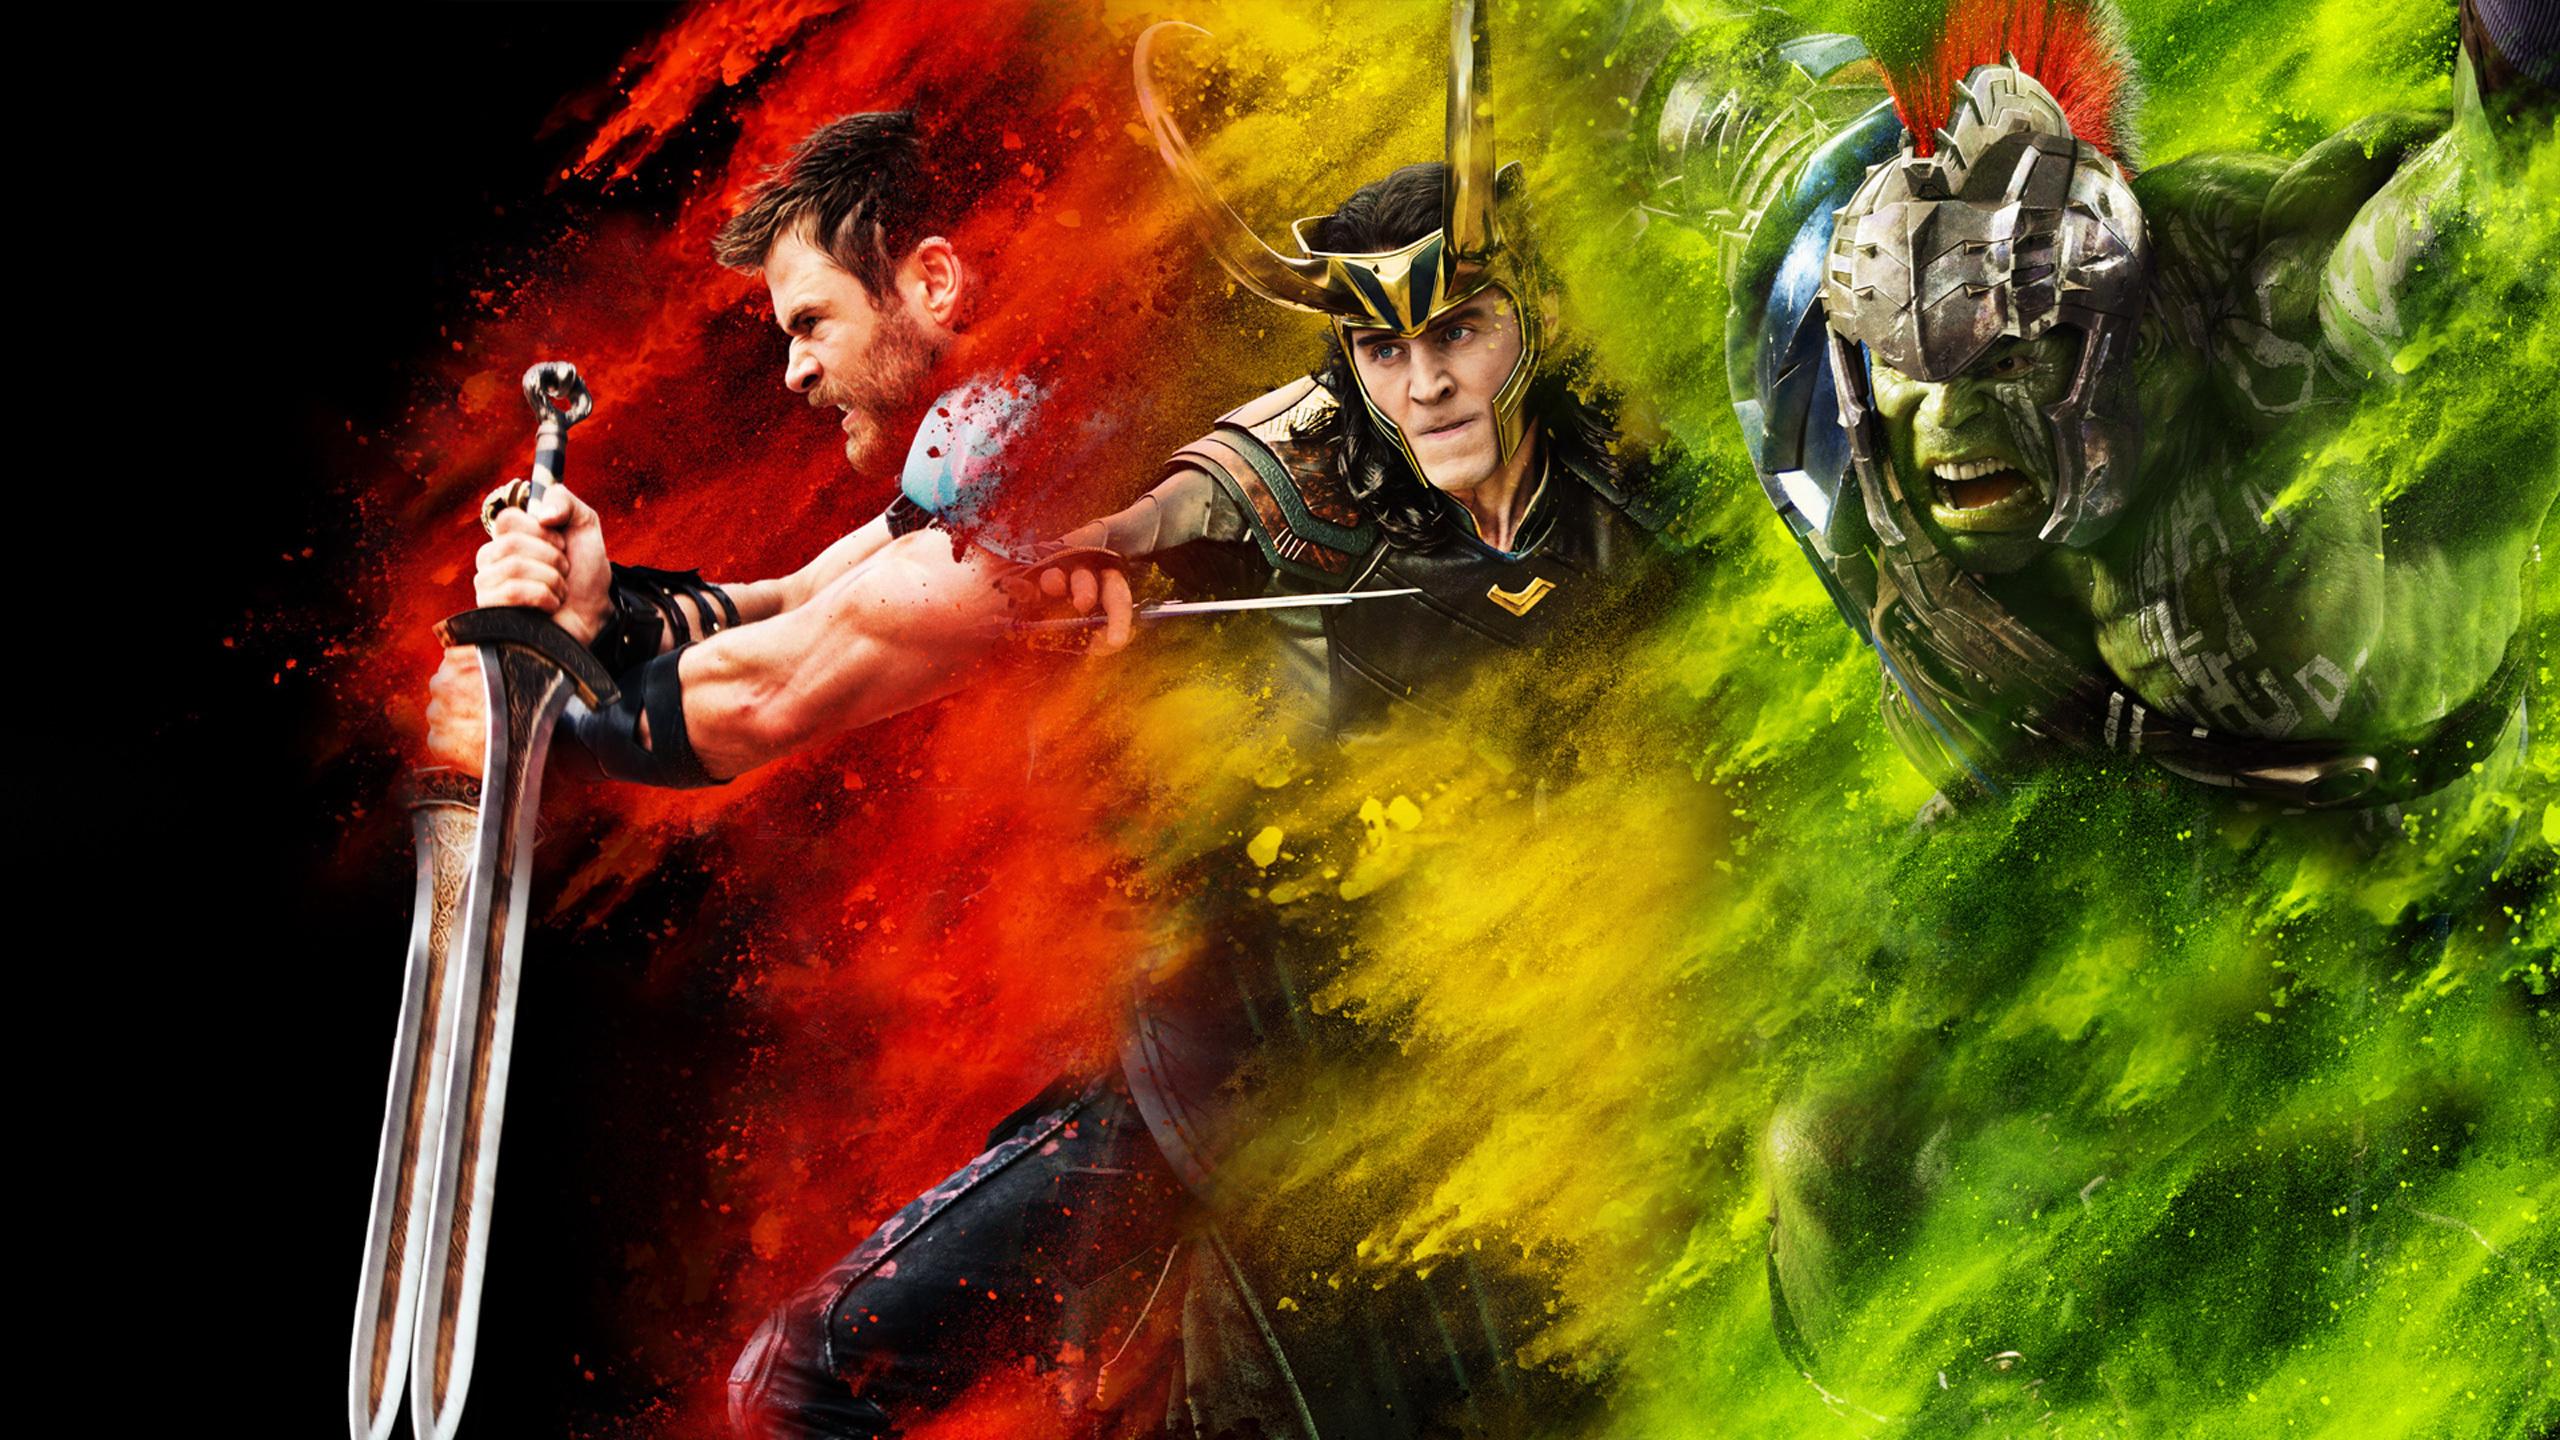 2560x1440 Thor Loki Hulk Thor Ragnarok 1440p Resolution Hd 4k